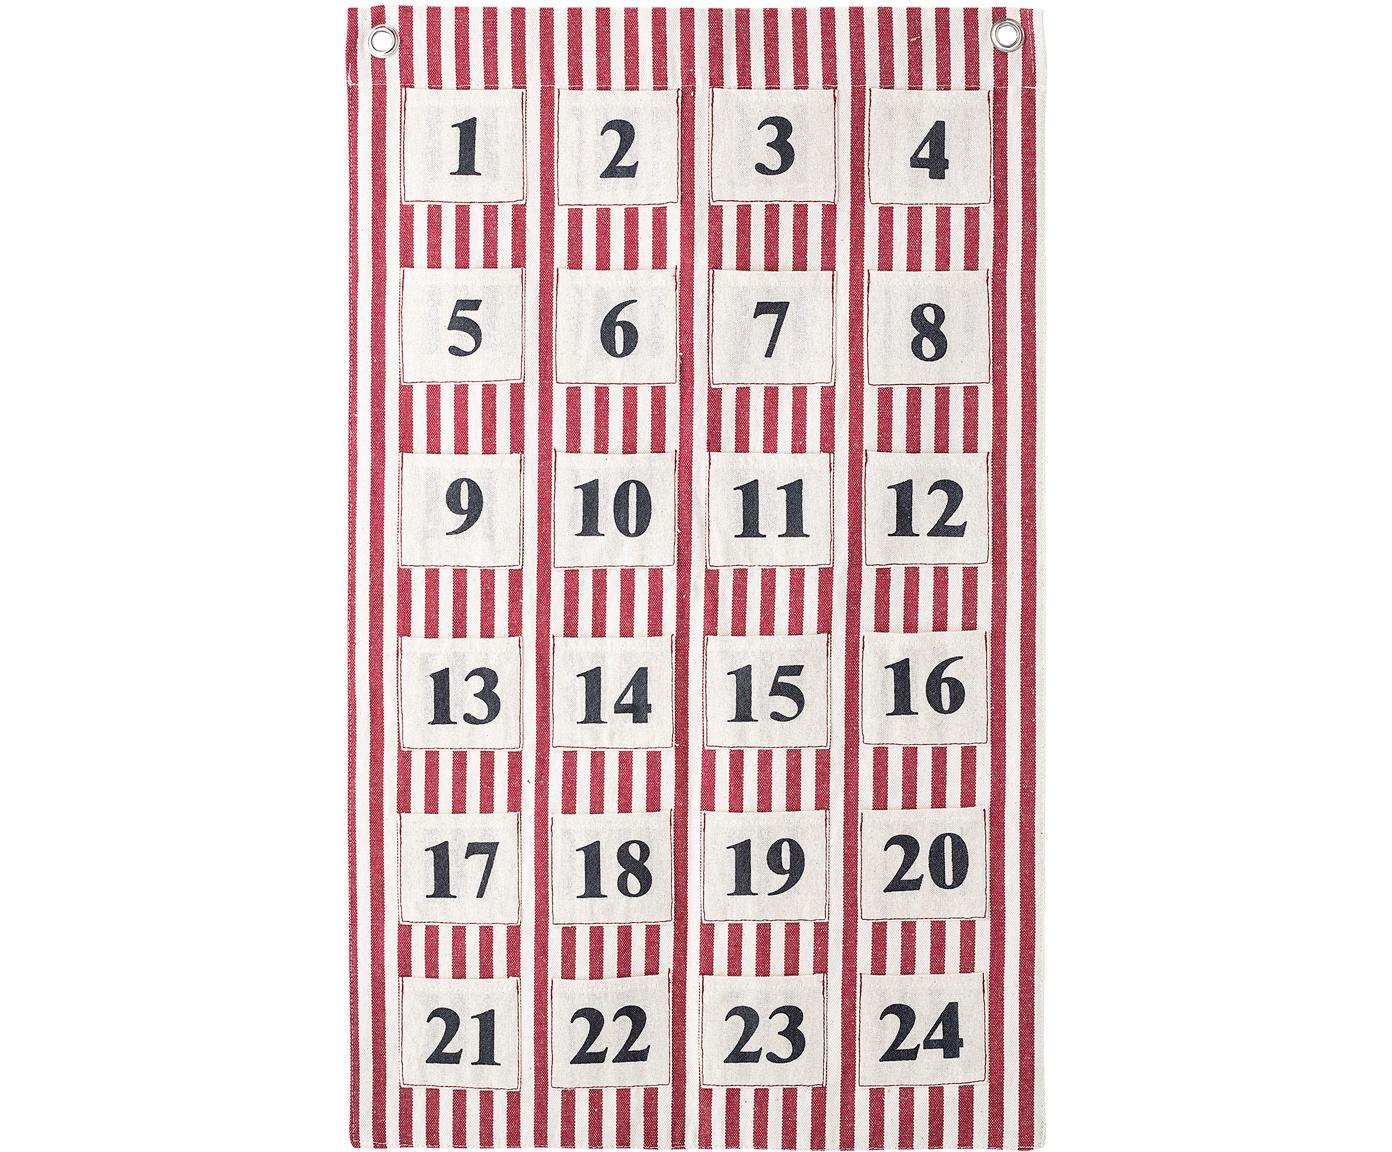 Calendario dell'Avvento Linas, Cotone, Rosso, bianco, nero, Larg. 20 x Alt. 35 cm